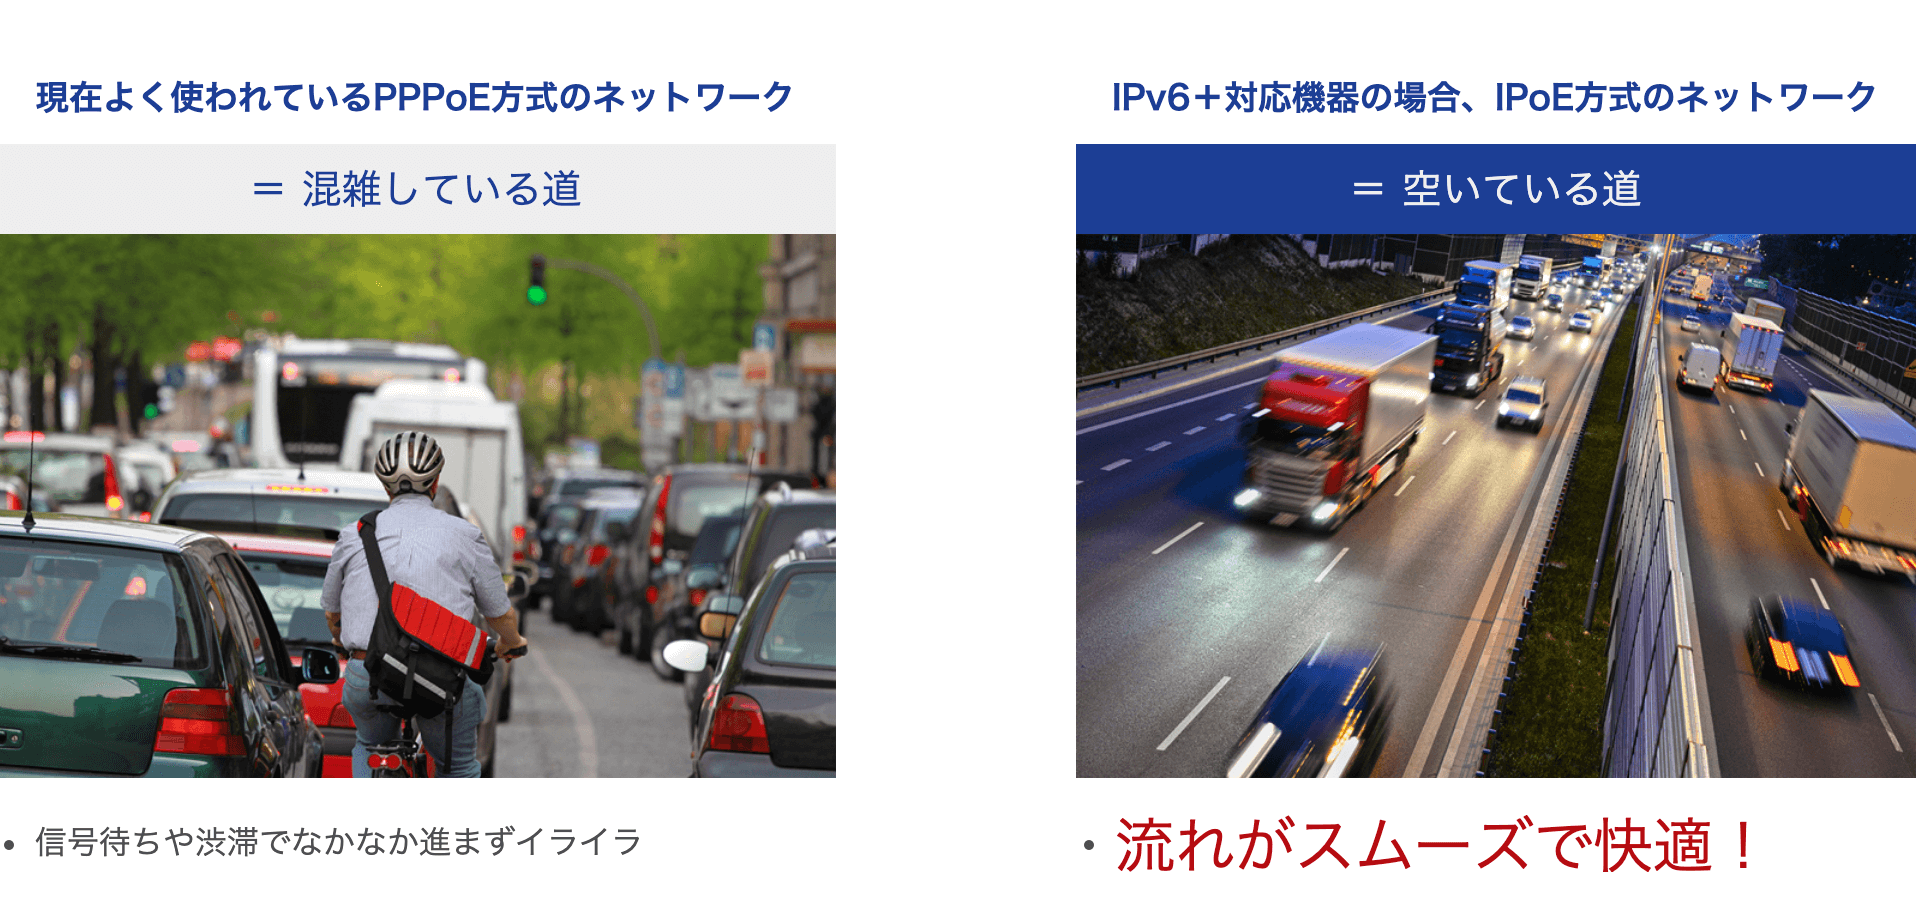 IPv6オプションは高速道路のイメージ